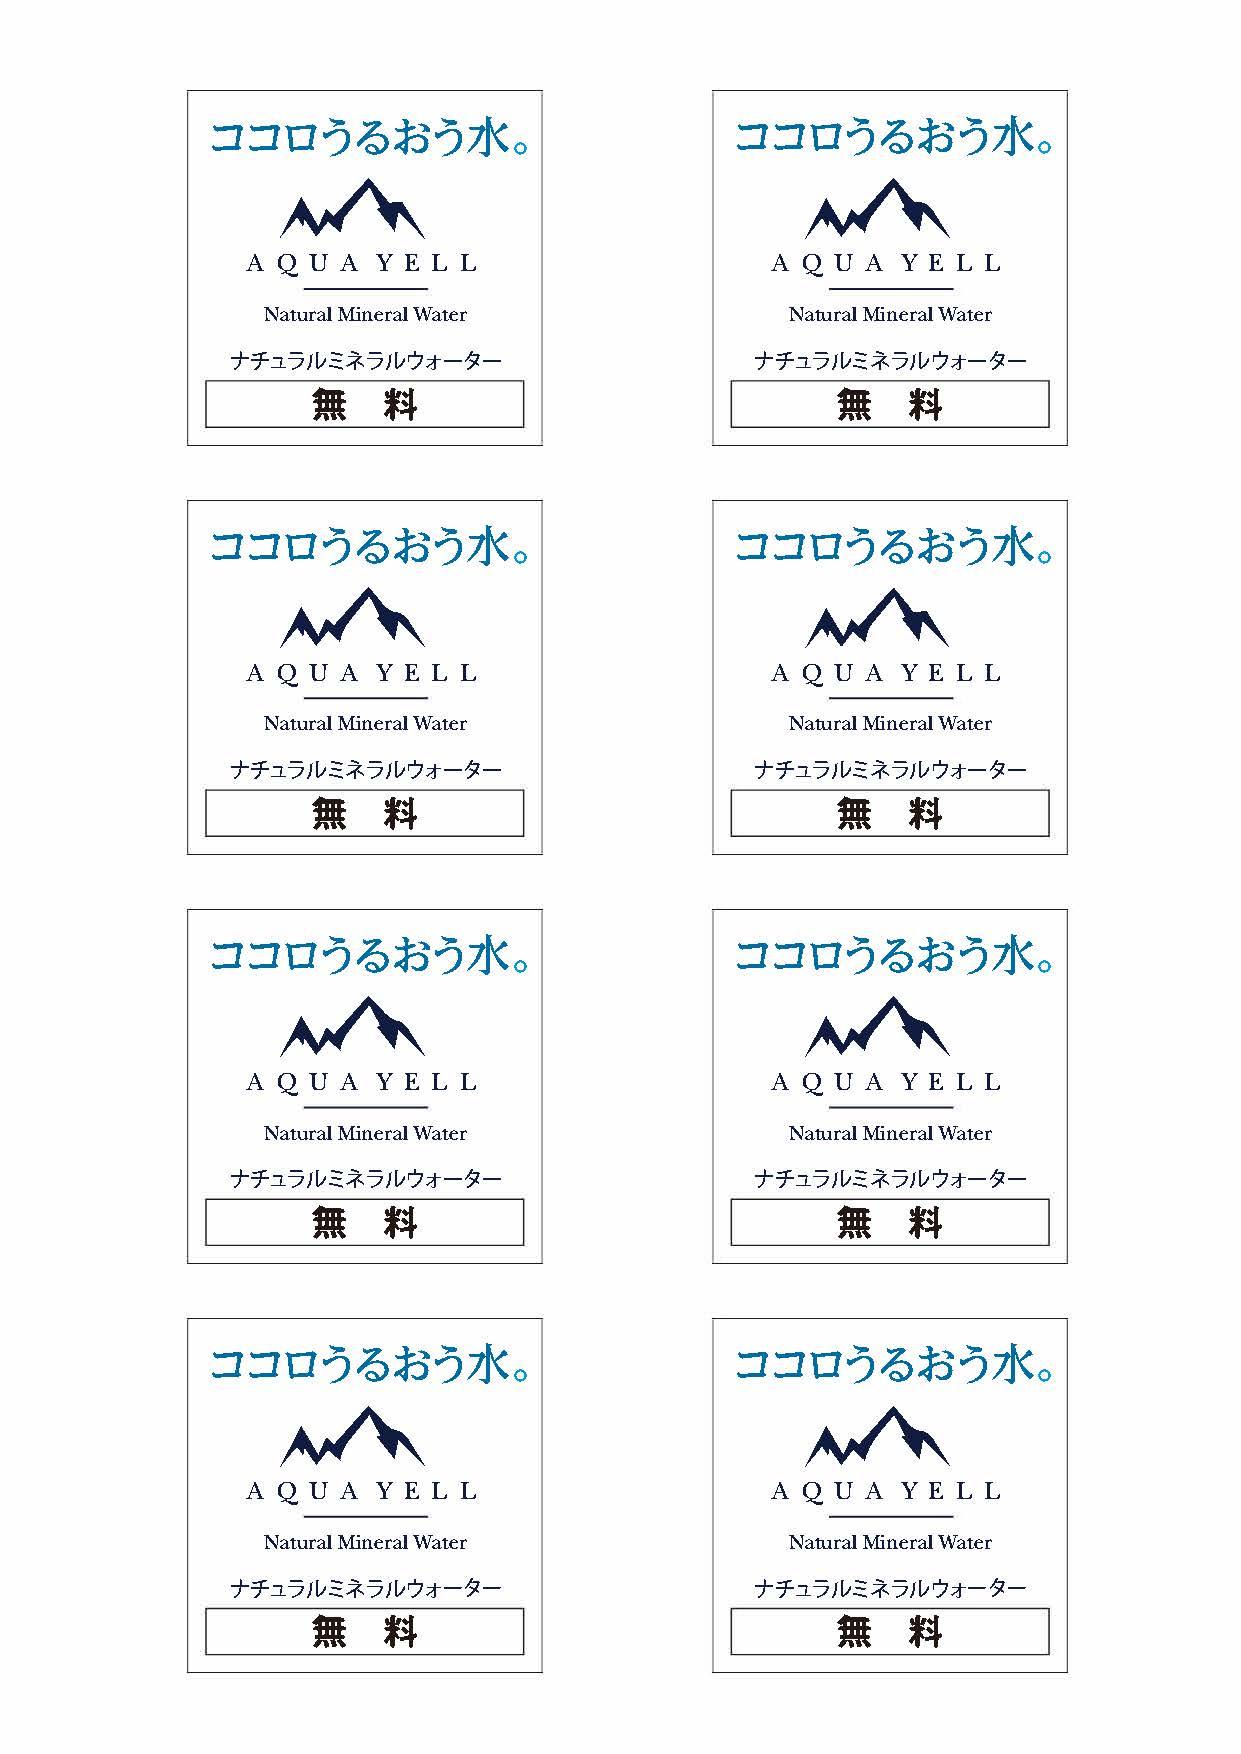 AQUA YEL/システム冷蔵庫(無料)